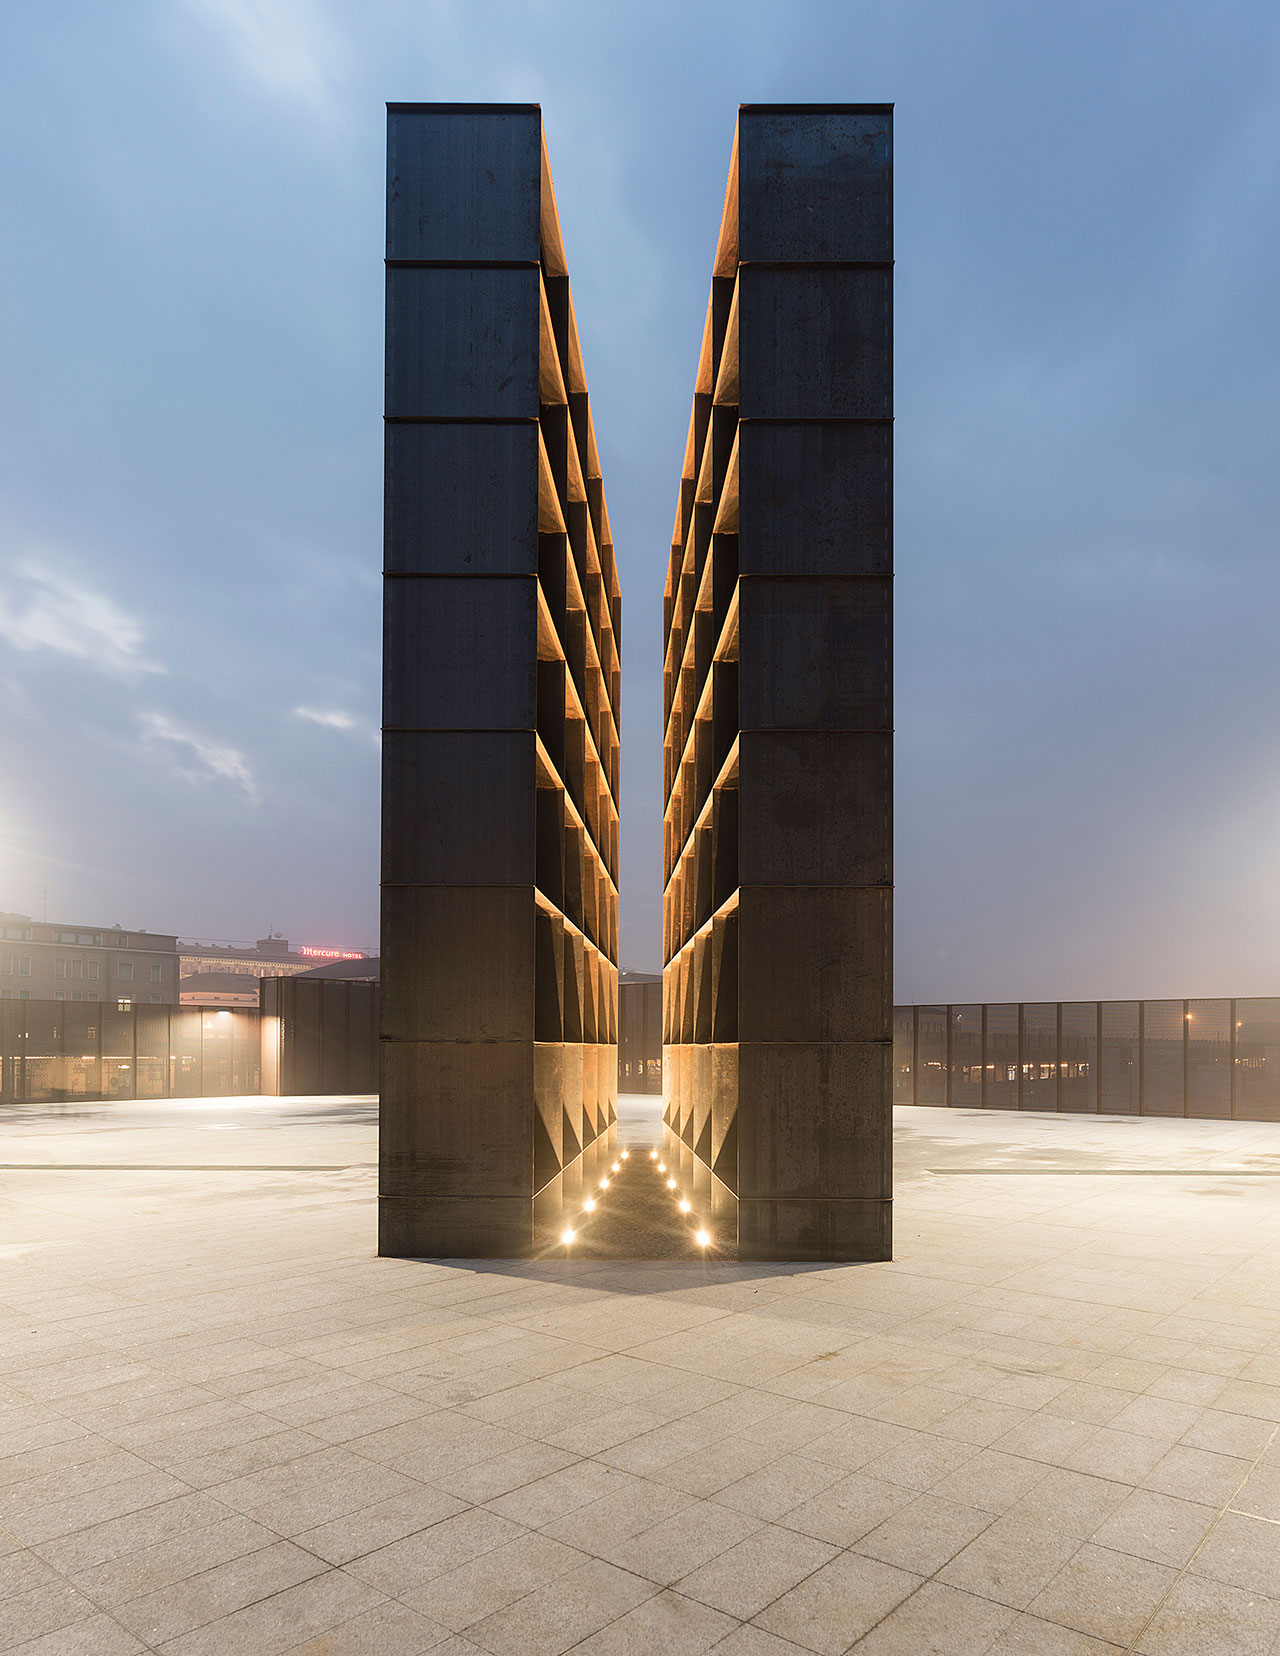 Памятник жертвам Холокоста в Болонье.Мемориал состоит из двух башен, которые символизируют бараки узников концлагерей.Р